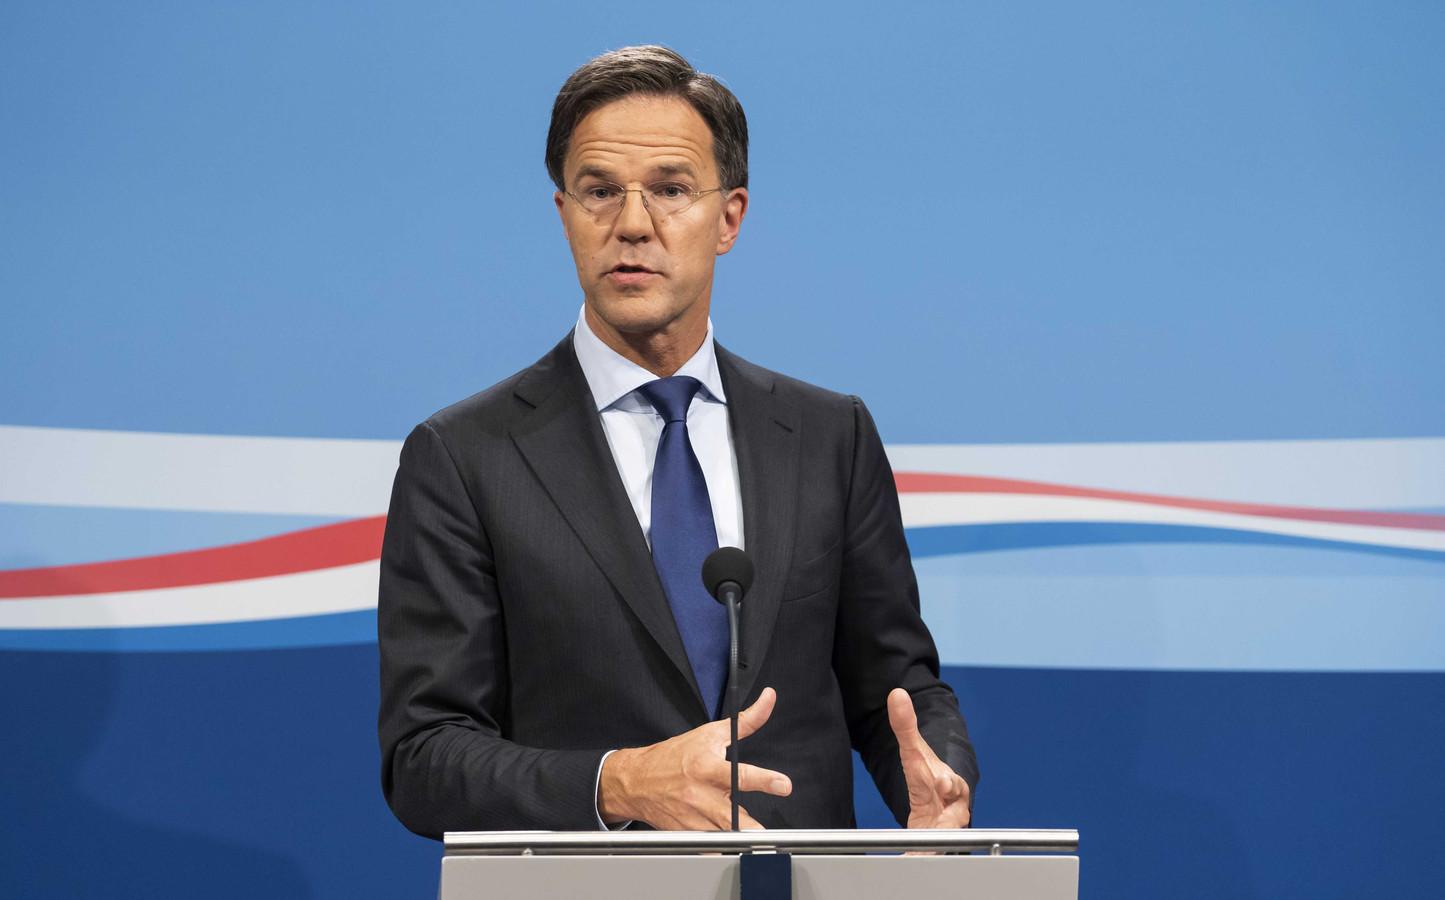 Bedrijven moeten zich houden aan de 'fundamentele, naoorlogse afspraak' dat lonen stijgen als het goed gaat met bedrijven, aldus minister-president Mark Rutte